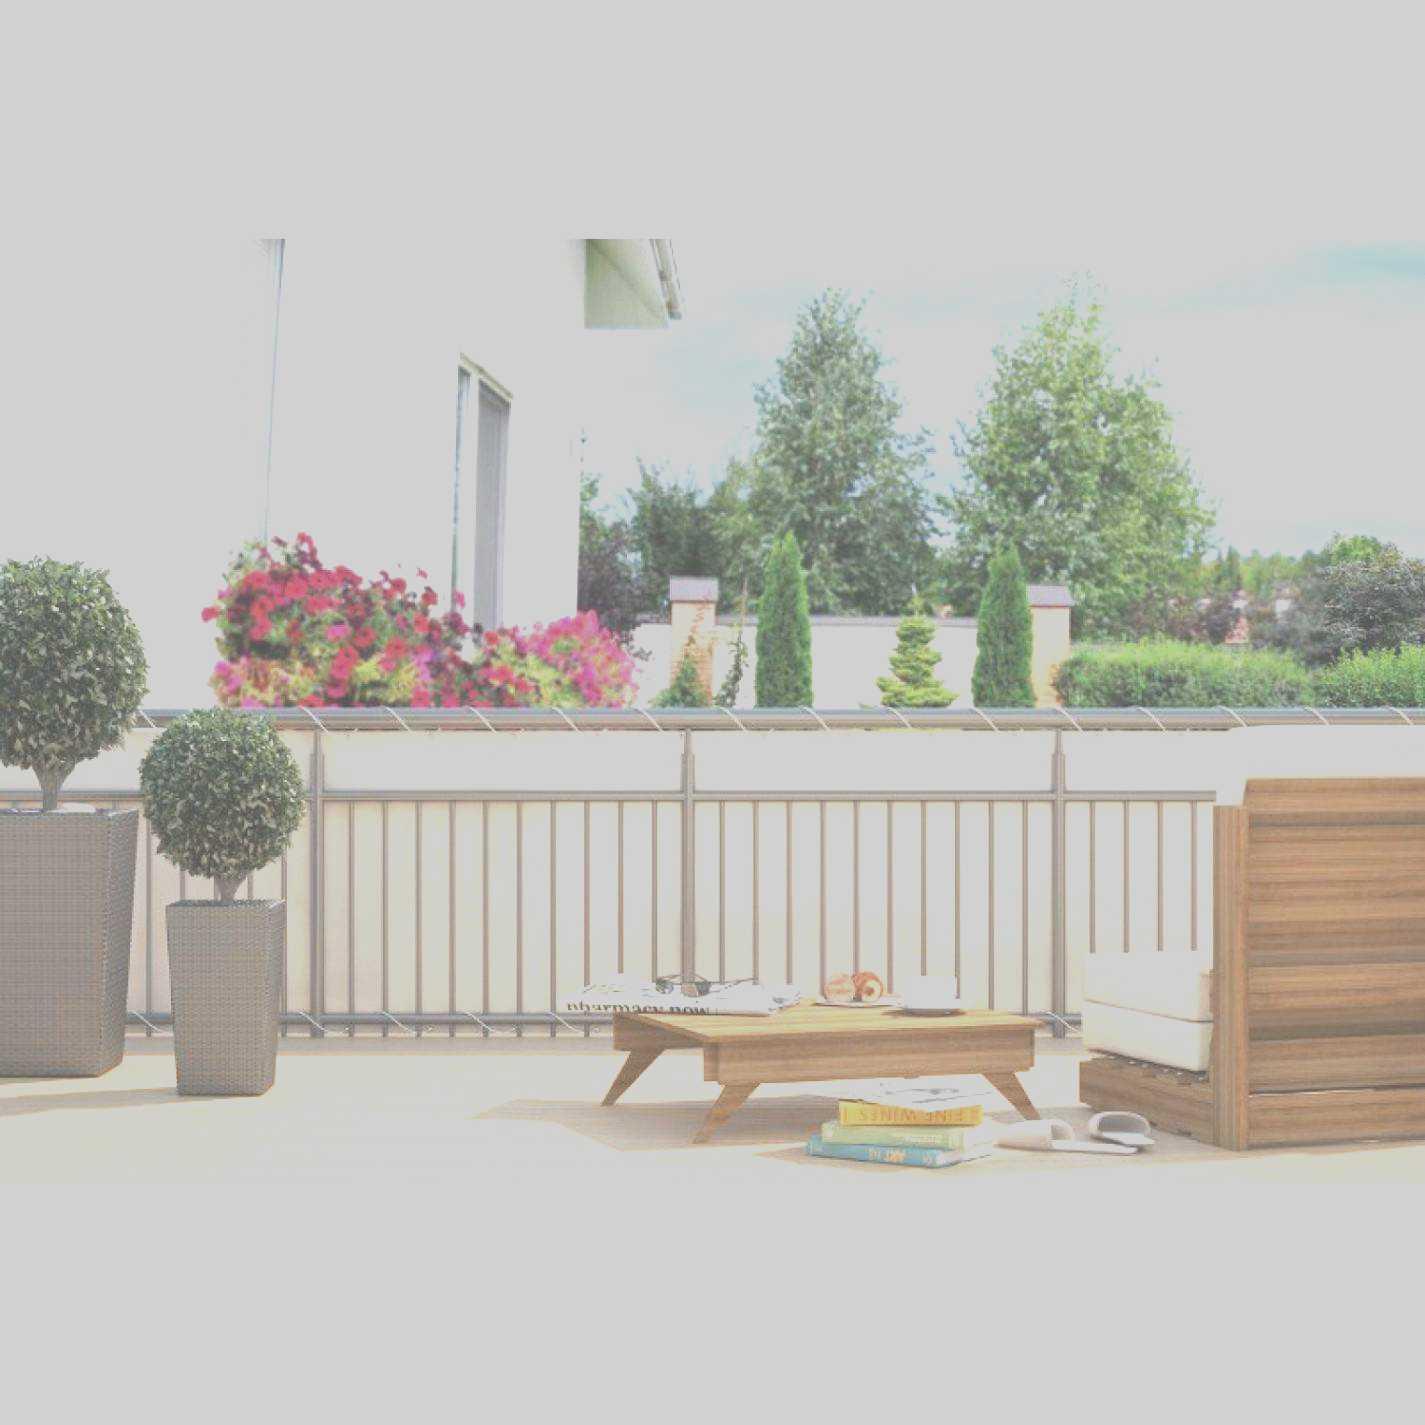 Full Size of Hochbeet Sichtschutz Mit Und 2019 12 09 Garten Fenster Sichtschutzfolie Für Sichtschutzfolien Einseitig Durchsichtig Holz Im Wpc Wohnzimmer Hochbeet Sichtschutz